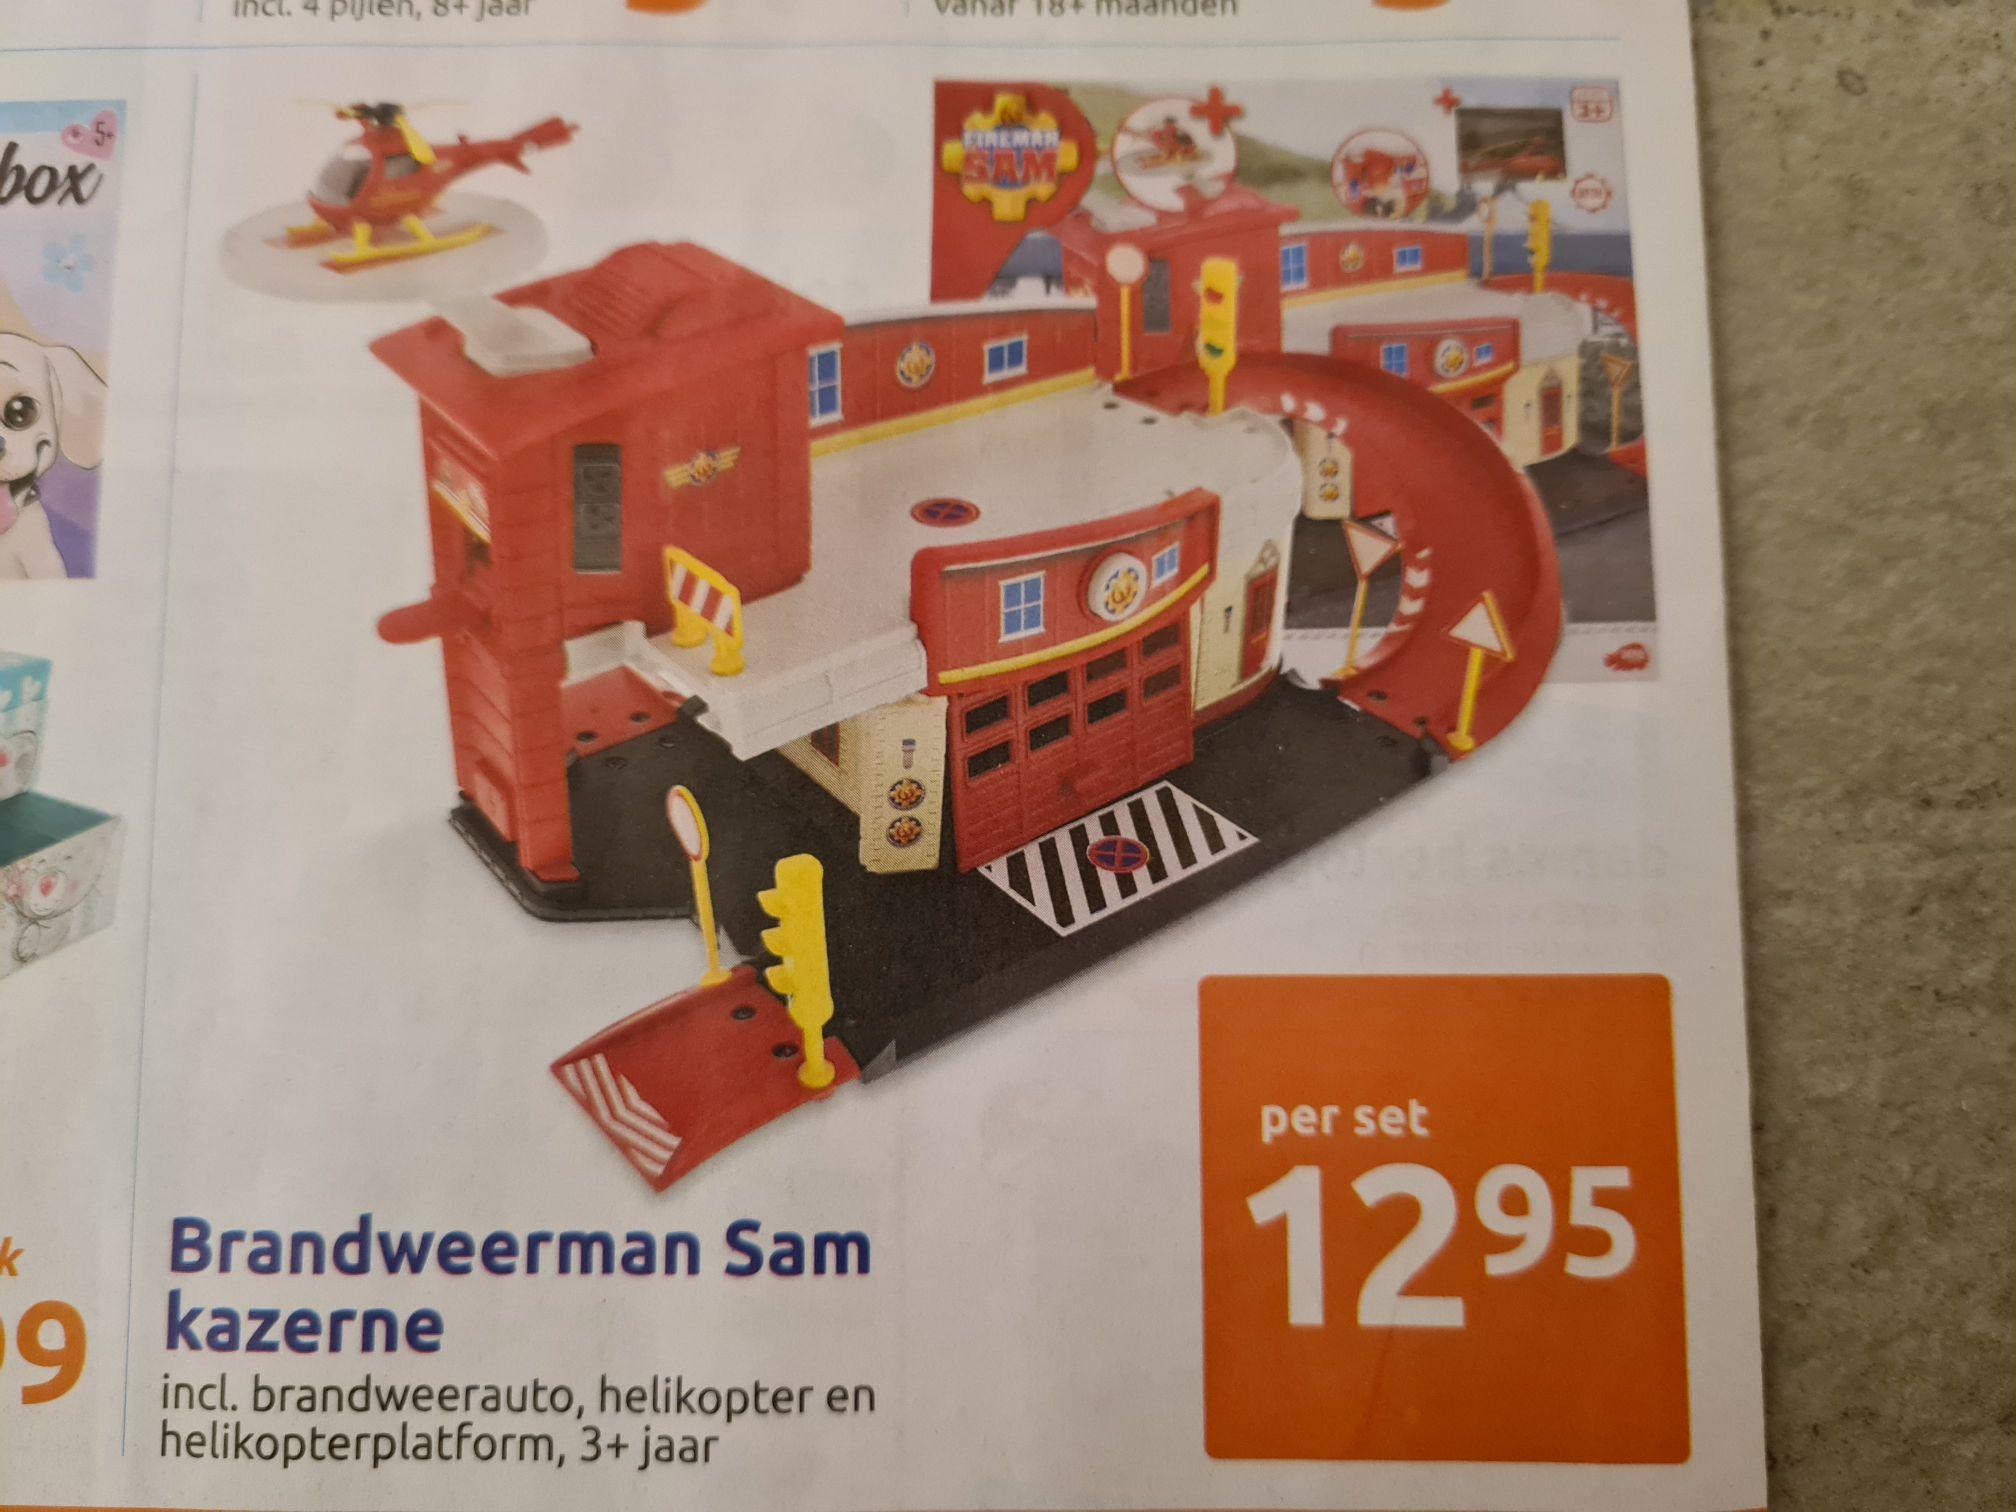 Brandweerman Sam kazerne voor 12,95 bij Action (18-11)